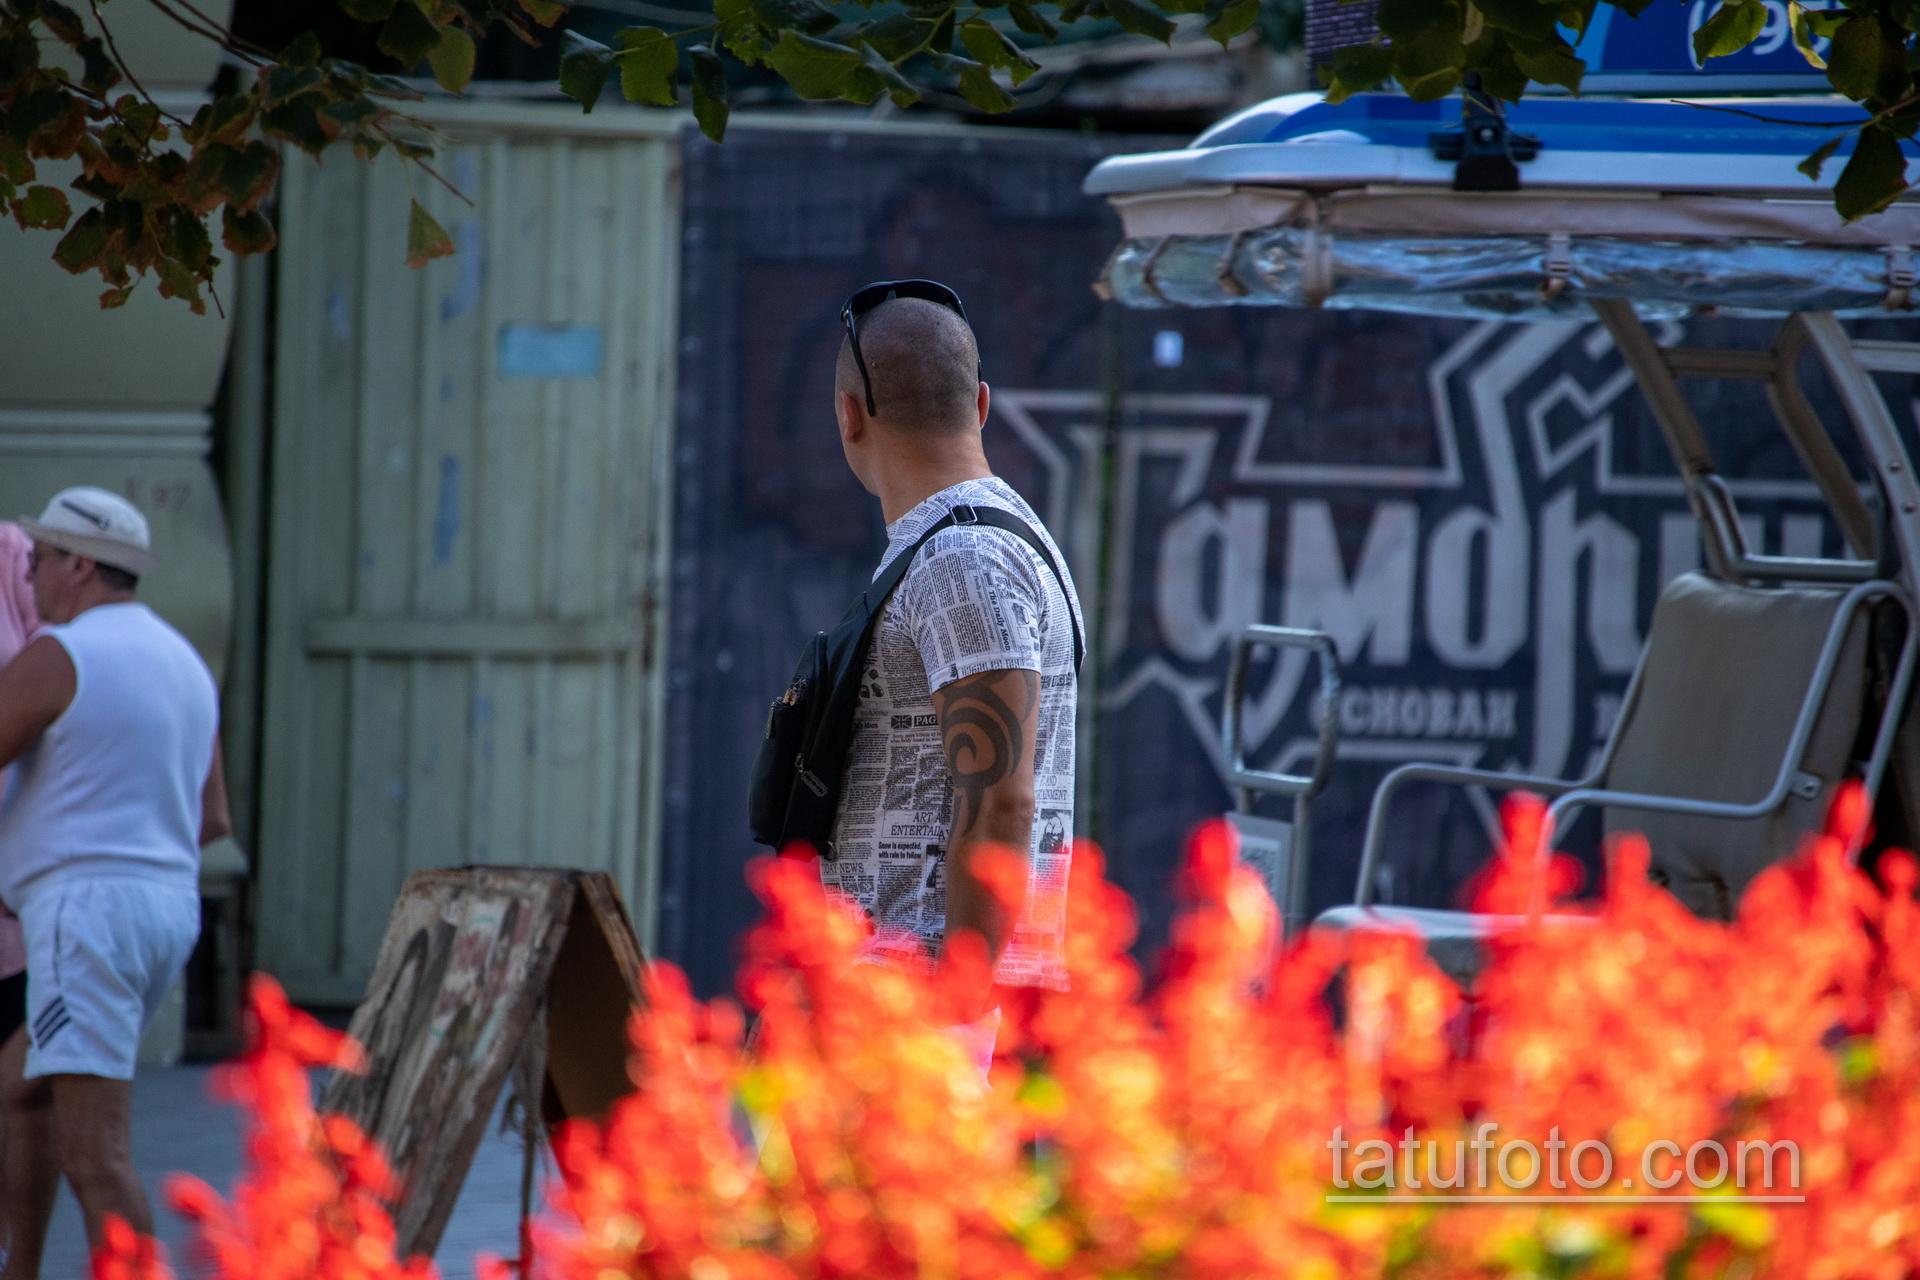 Трайбл узоры в тату на левой руке мужчины – Уличная татуировка 14.09.2020 – tatufoto.com 3